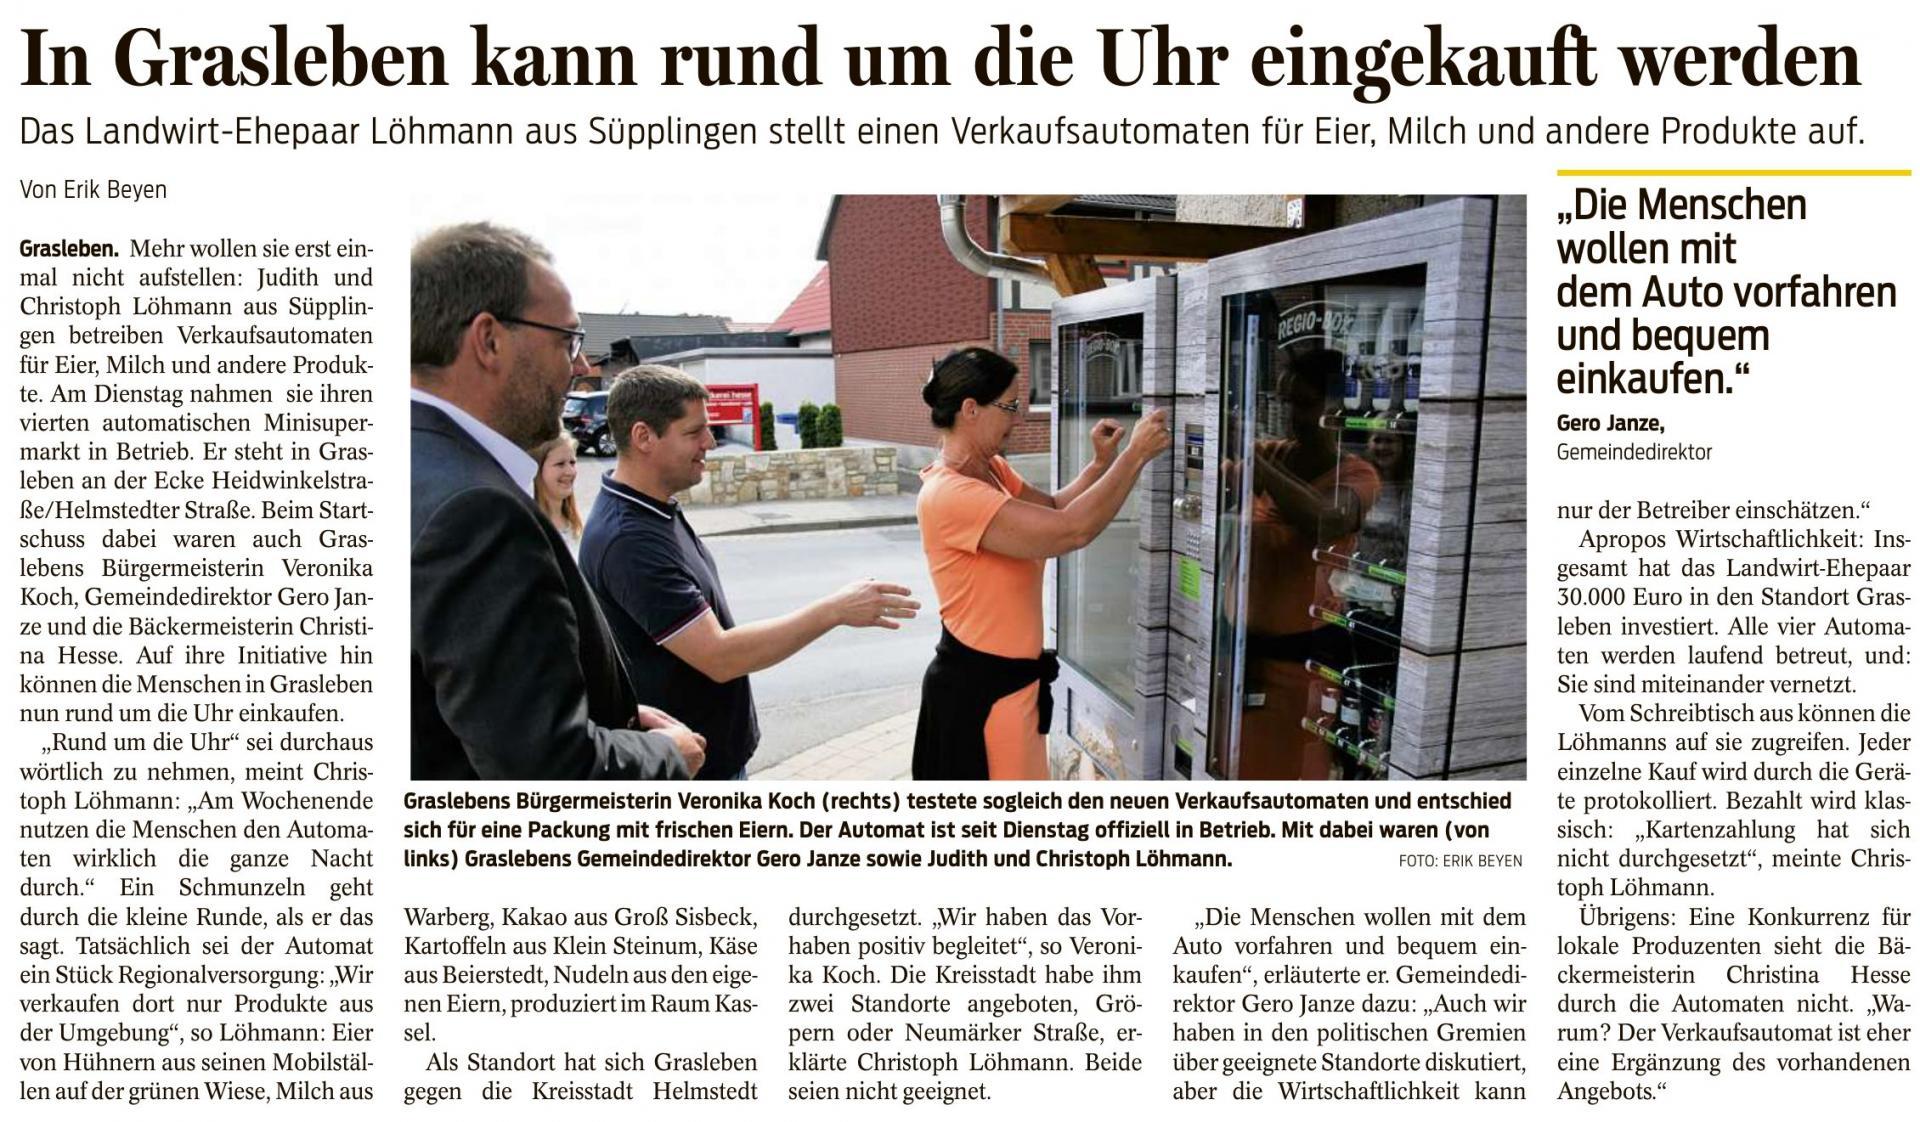 Artikel aus den Helmstedter Nachrichten vom 06.08.2020 (Autor: Erik Beyen)